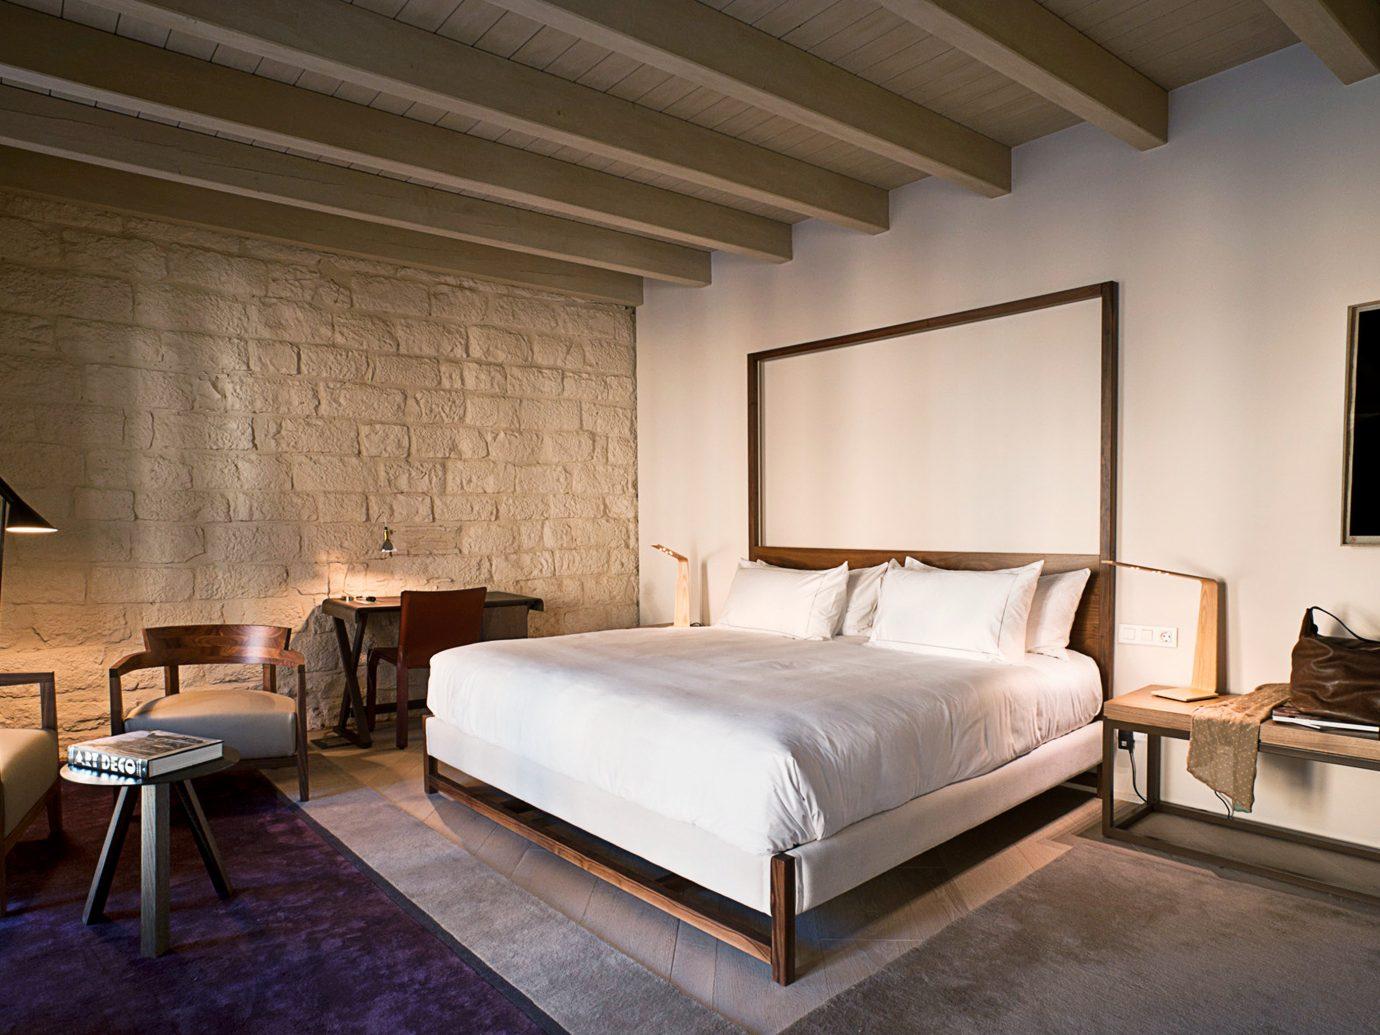 Barcelona Boutique Hotels Hotels Spain indoor floor bed wall room Bedroom property ceiling interior design estate Suite Design furniture living room hotel cottage real estate loft Villa